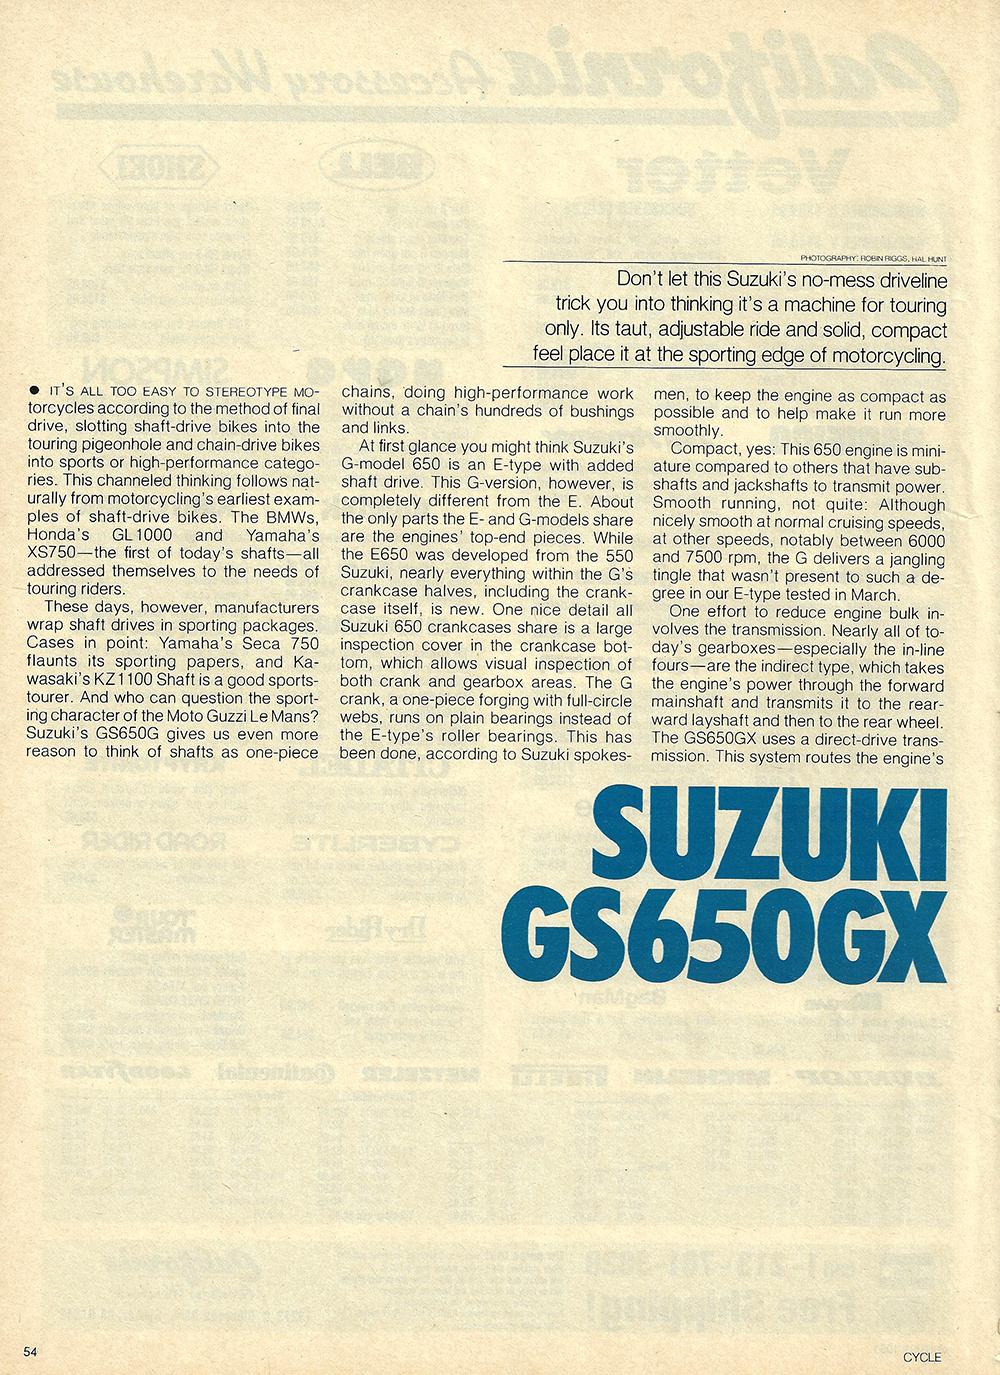 1981 Suzuki GS650 GX road test 01.jpg